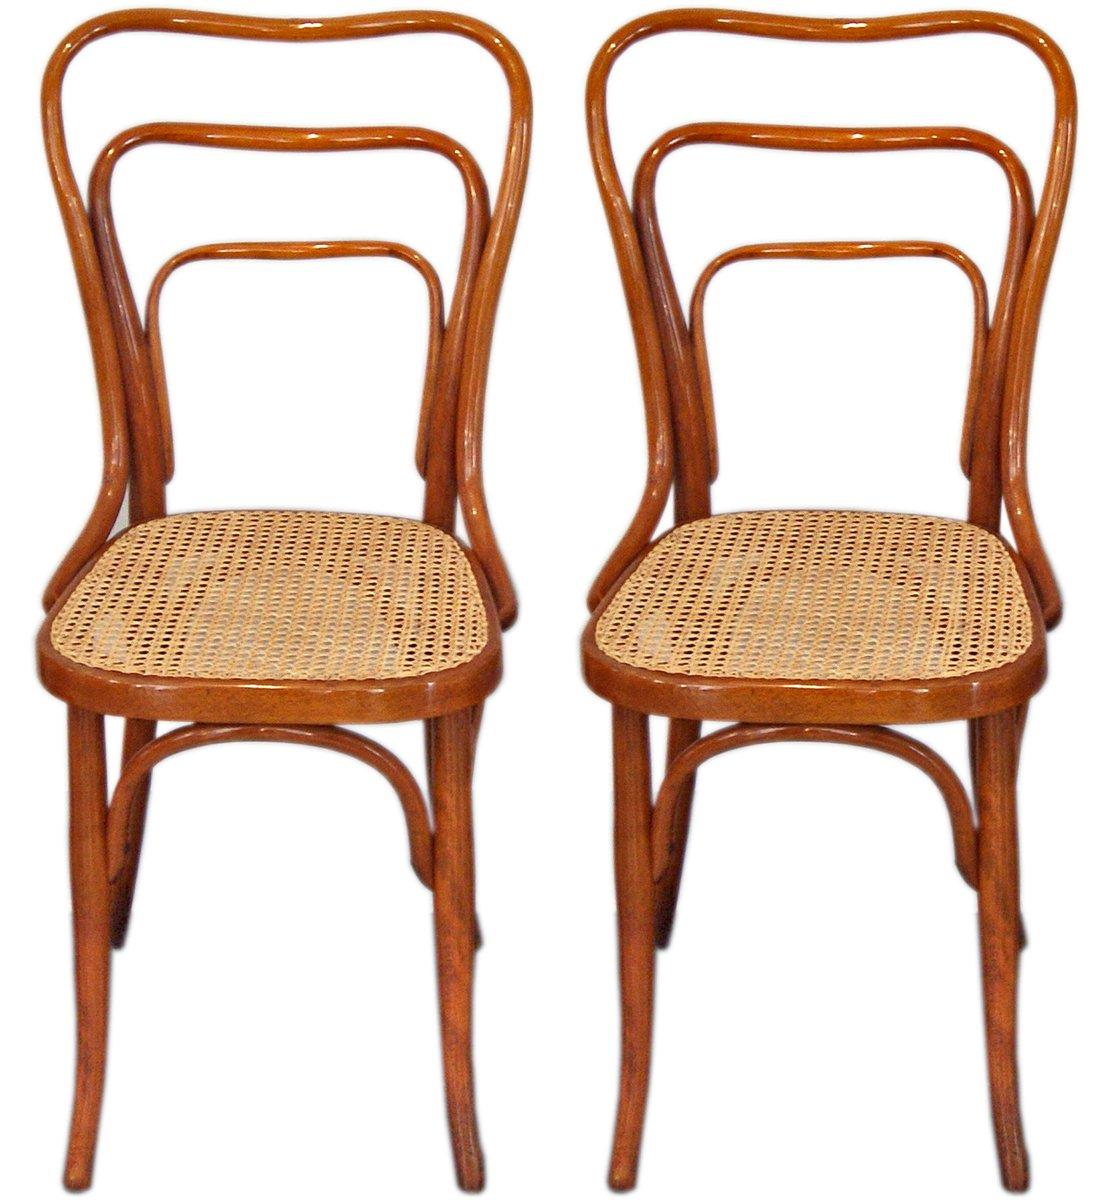 chaise mod le no 248 art nouveau par adolf loos pour jacob josef kohn 1900s en vente sur pamono. Black Bedroom Furniture Sets. Home Design Ideas